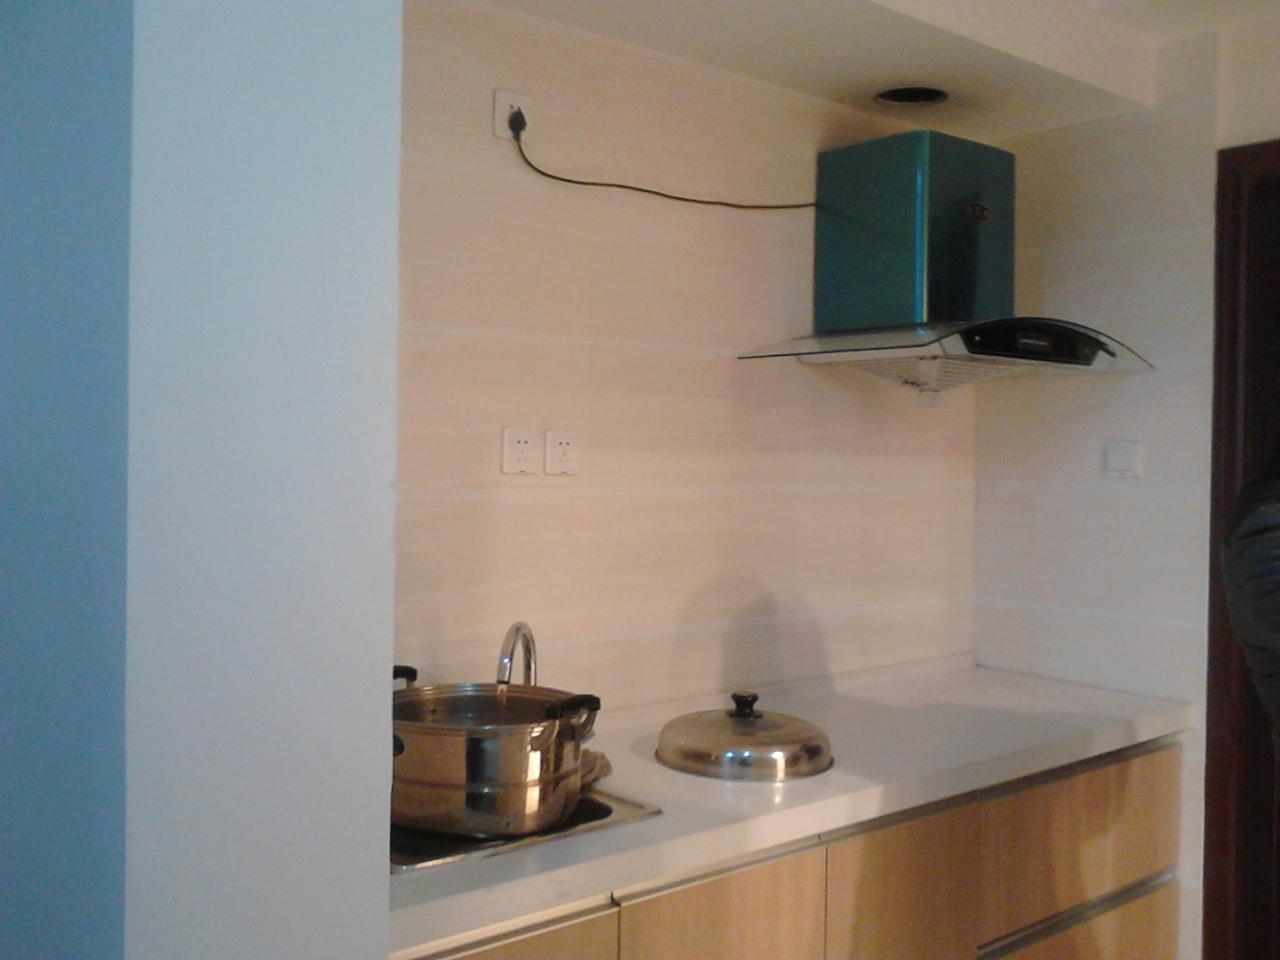 出租中强御金湾精装修公寓一室一厅一套